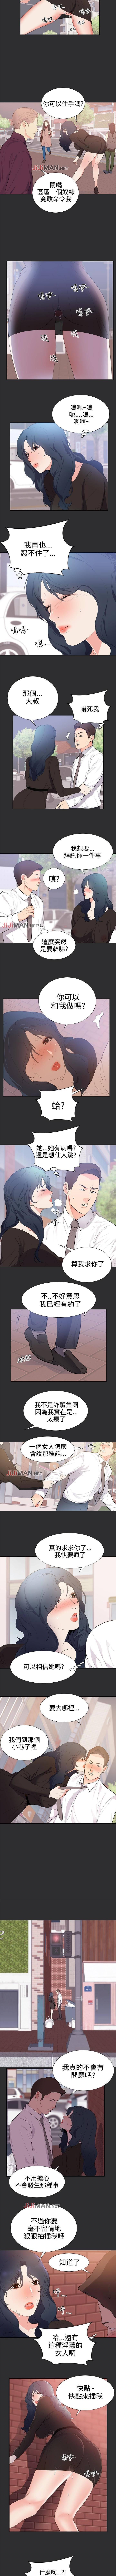 【已完结】性癖好(作者:主寧 & 洗髮精) 第1~30话 128